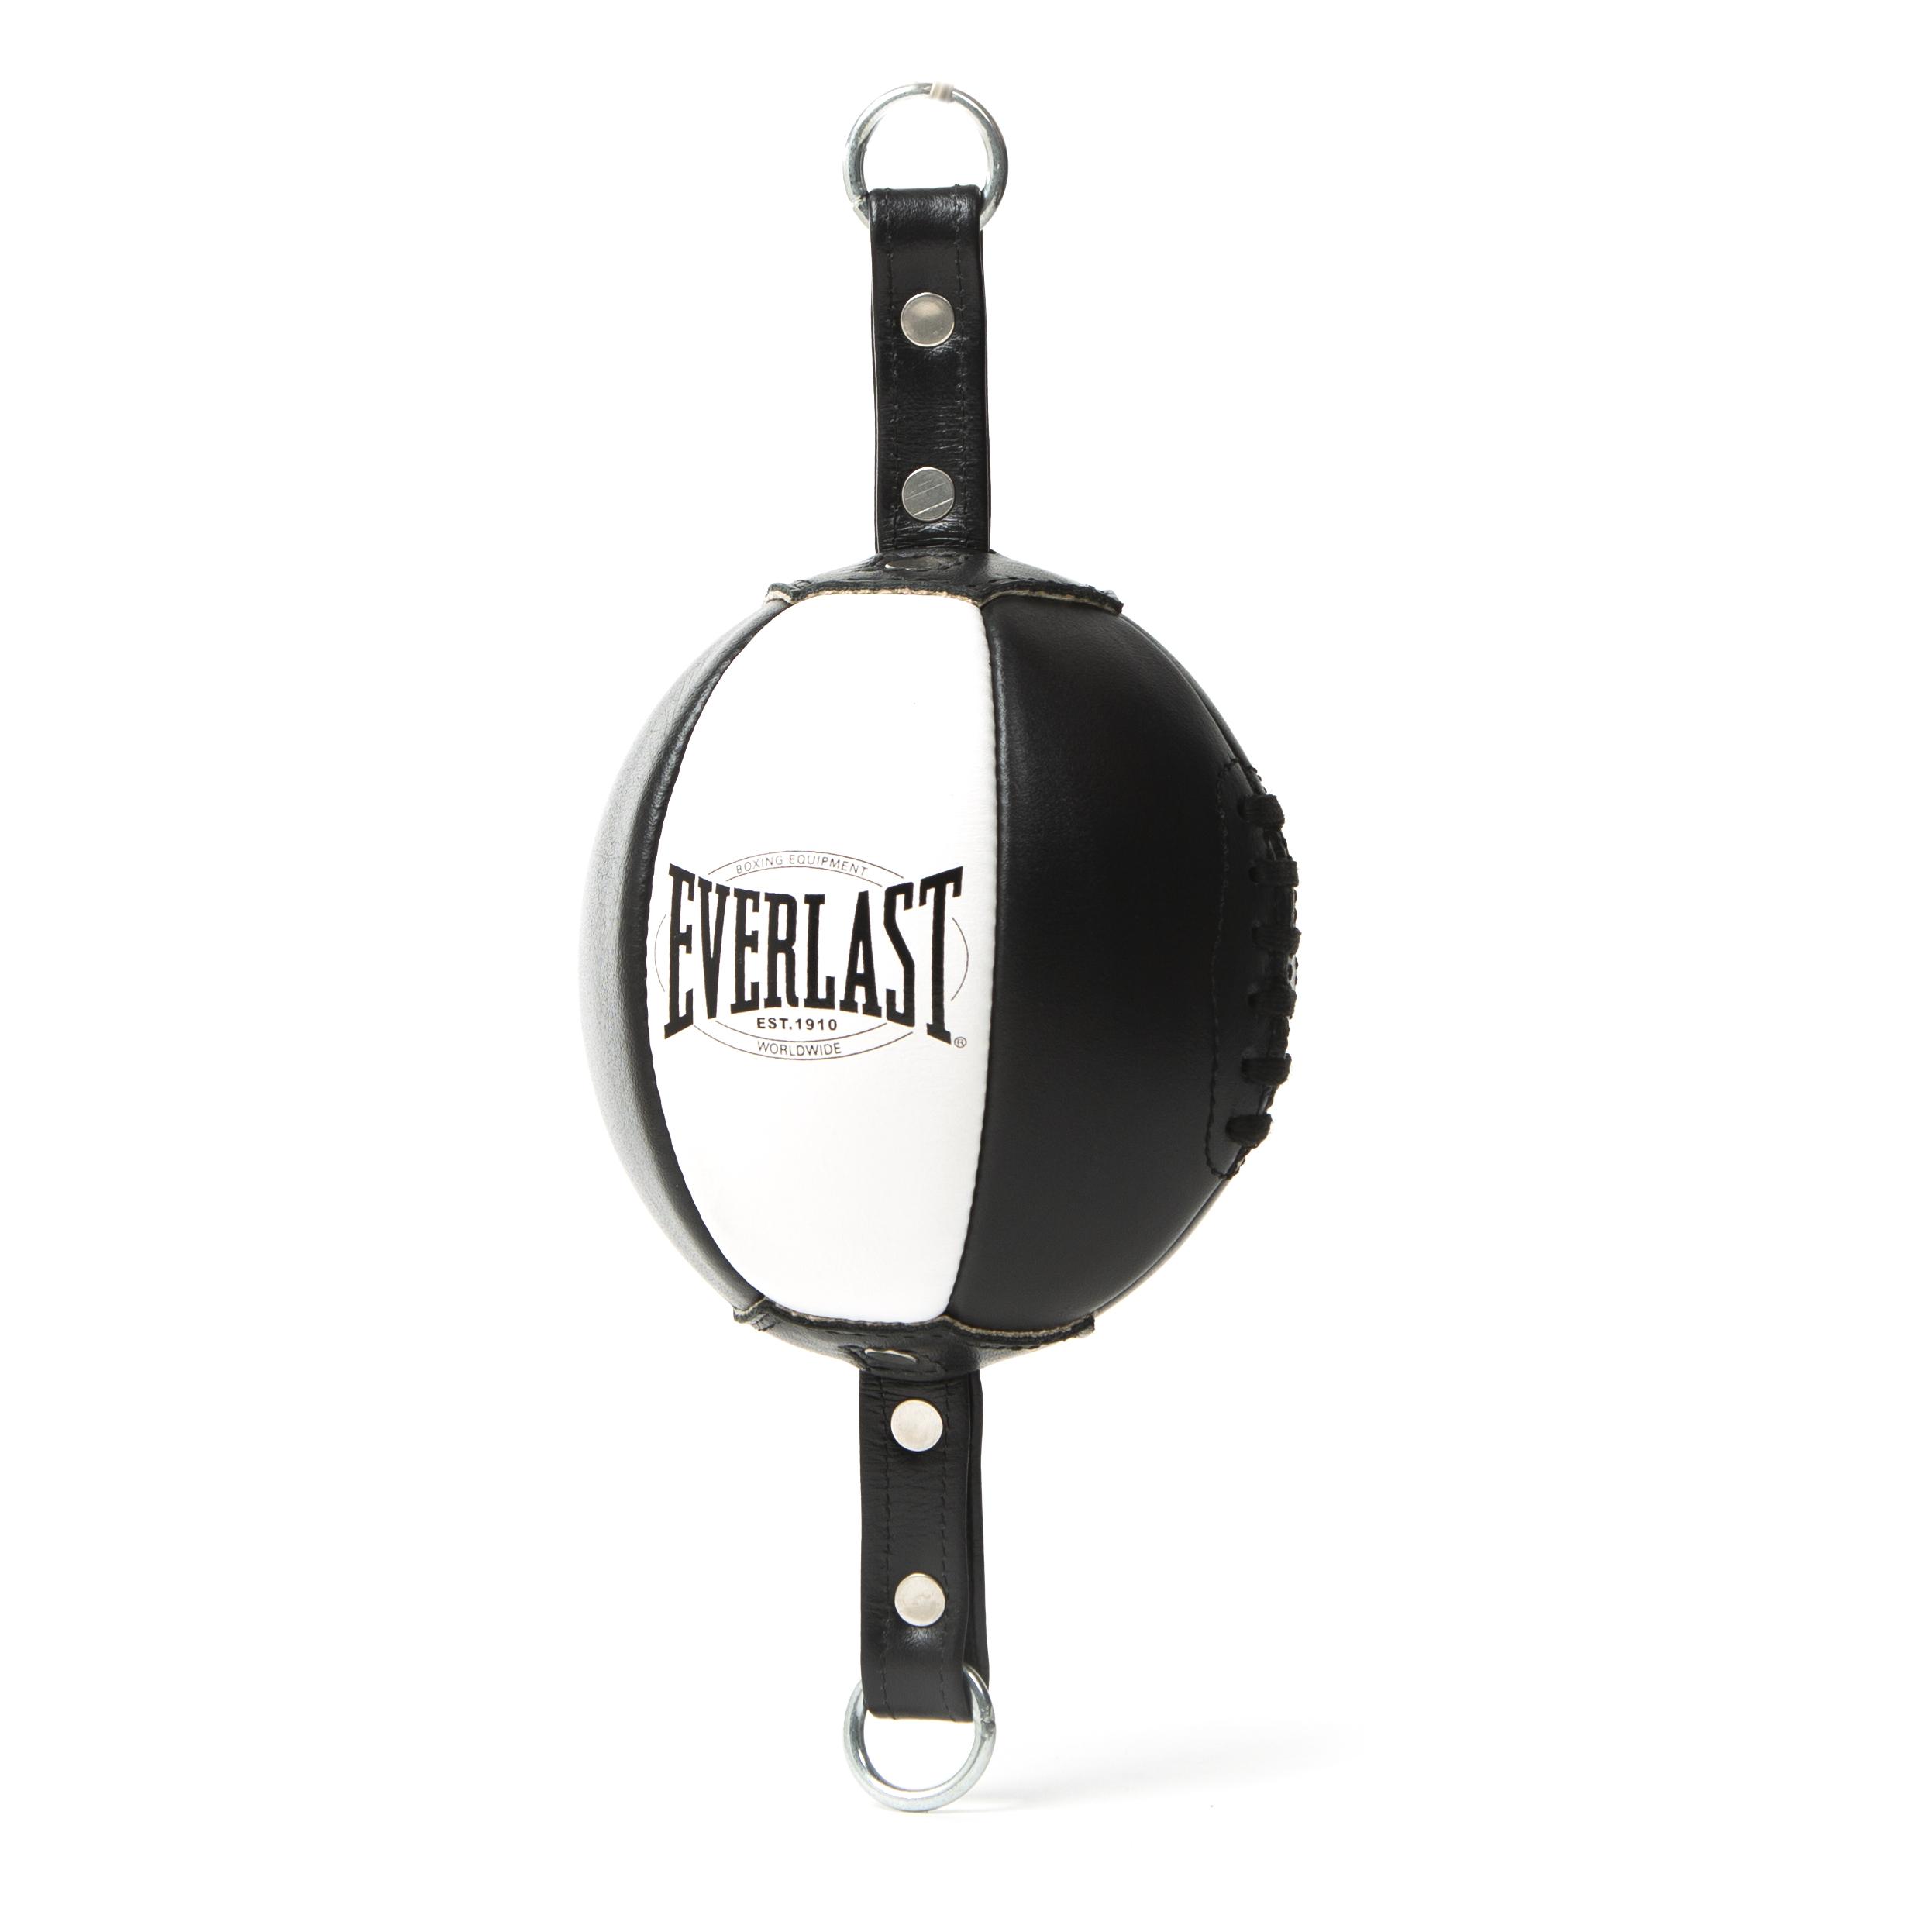 Груша на растяжках Everlast 1910 Double End, диаметр 18 см Everlast